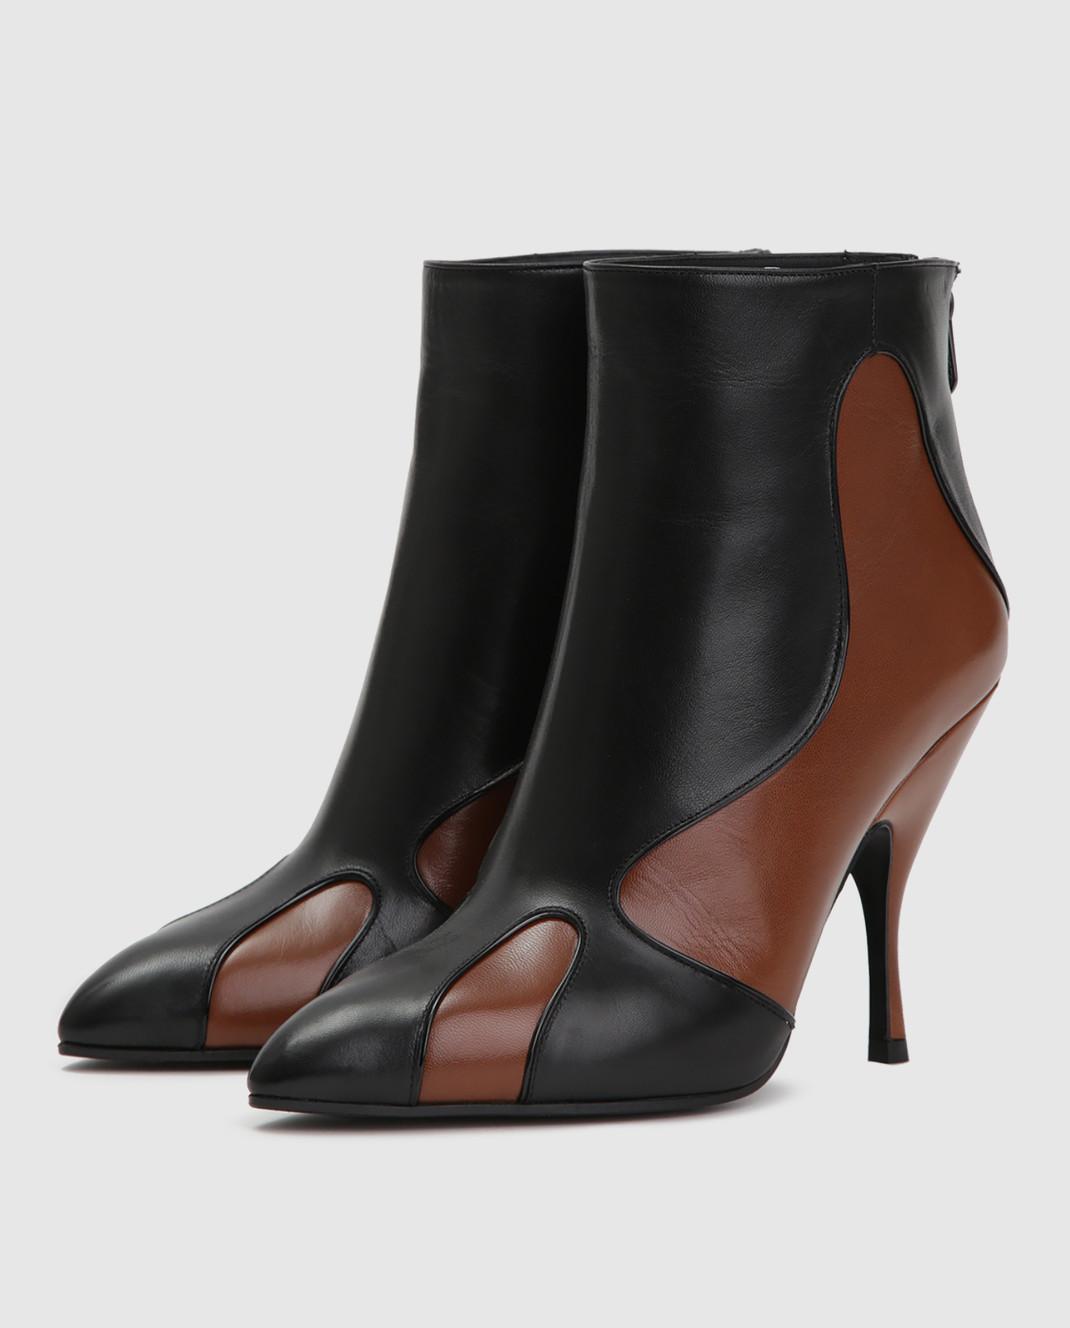 Bottega Veneta Черные кожаные ботильоны 533051 изображение 3